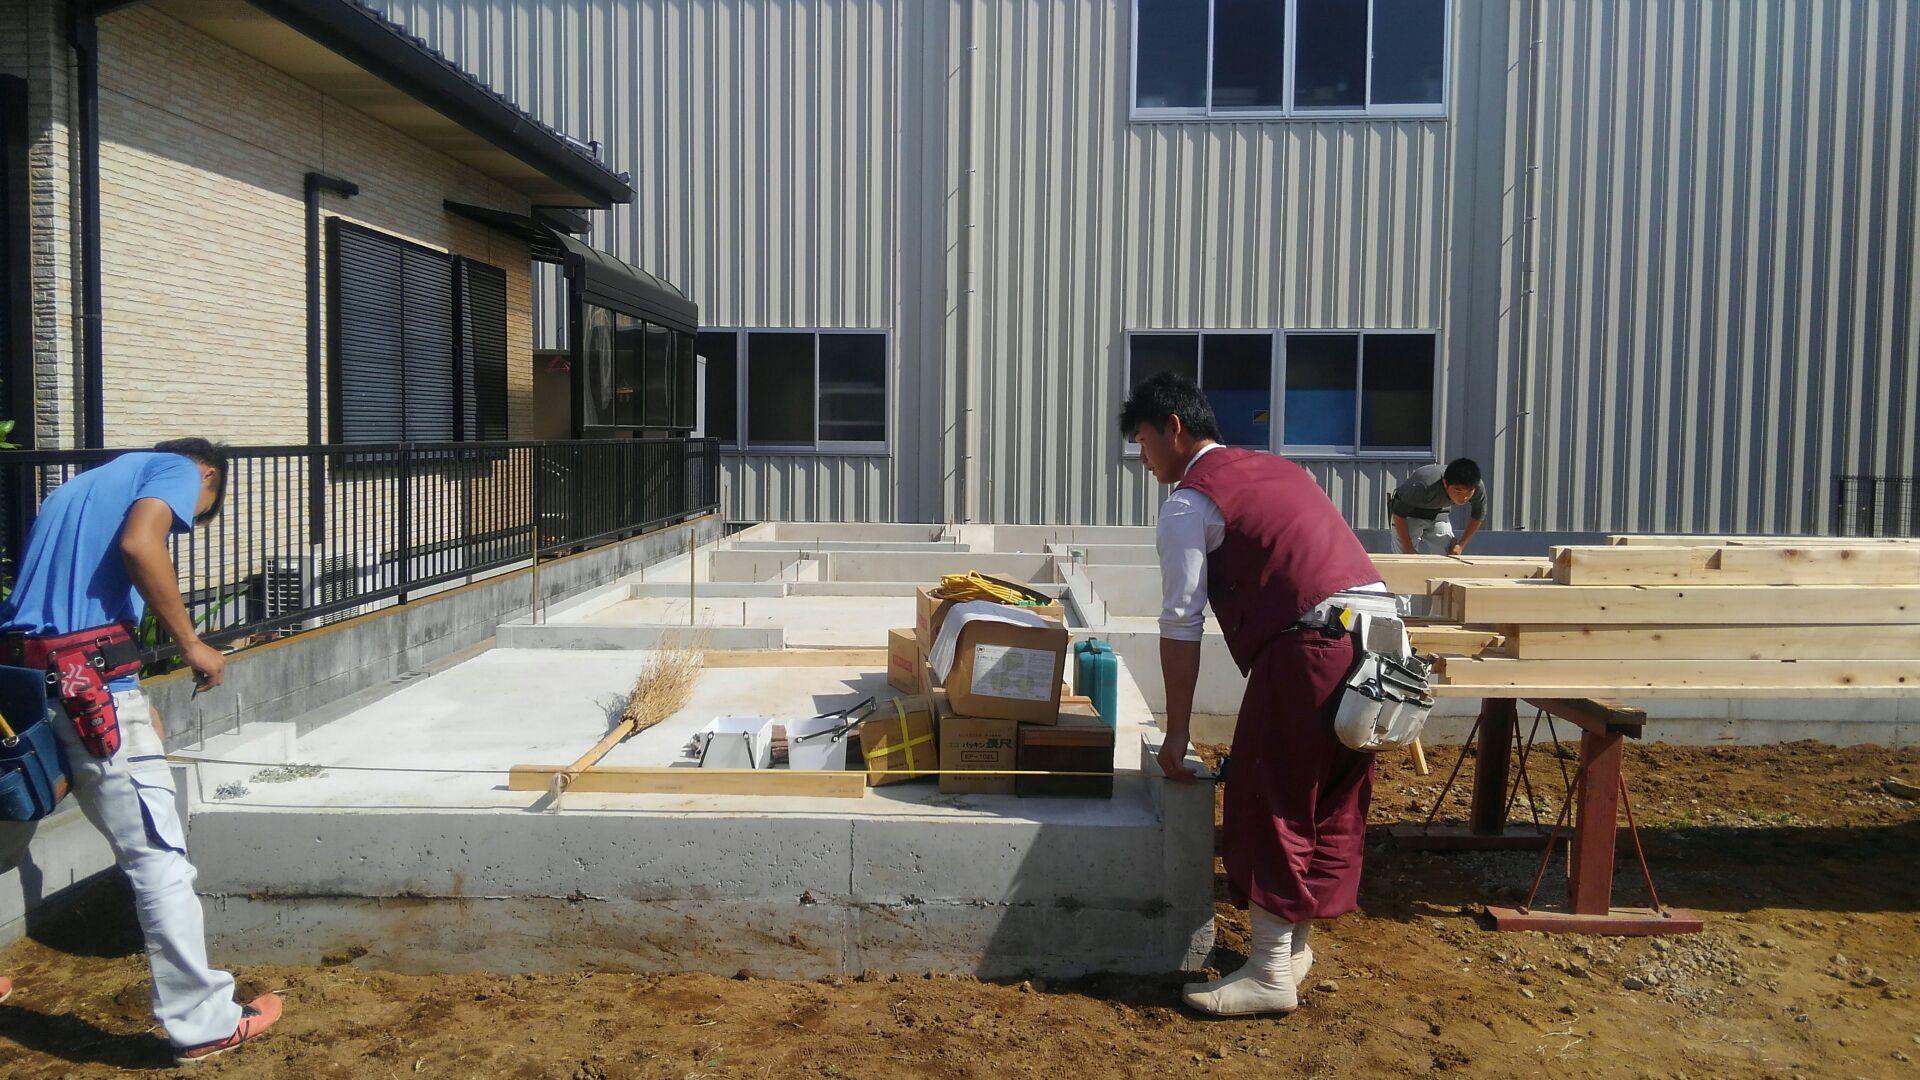 お日柄もよく、大工さん上棟に向け土台敷きに来ました。